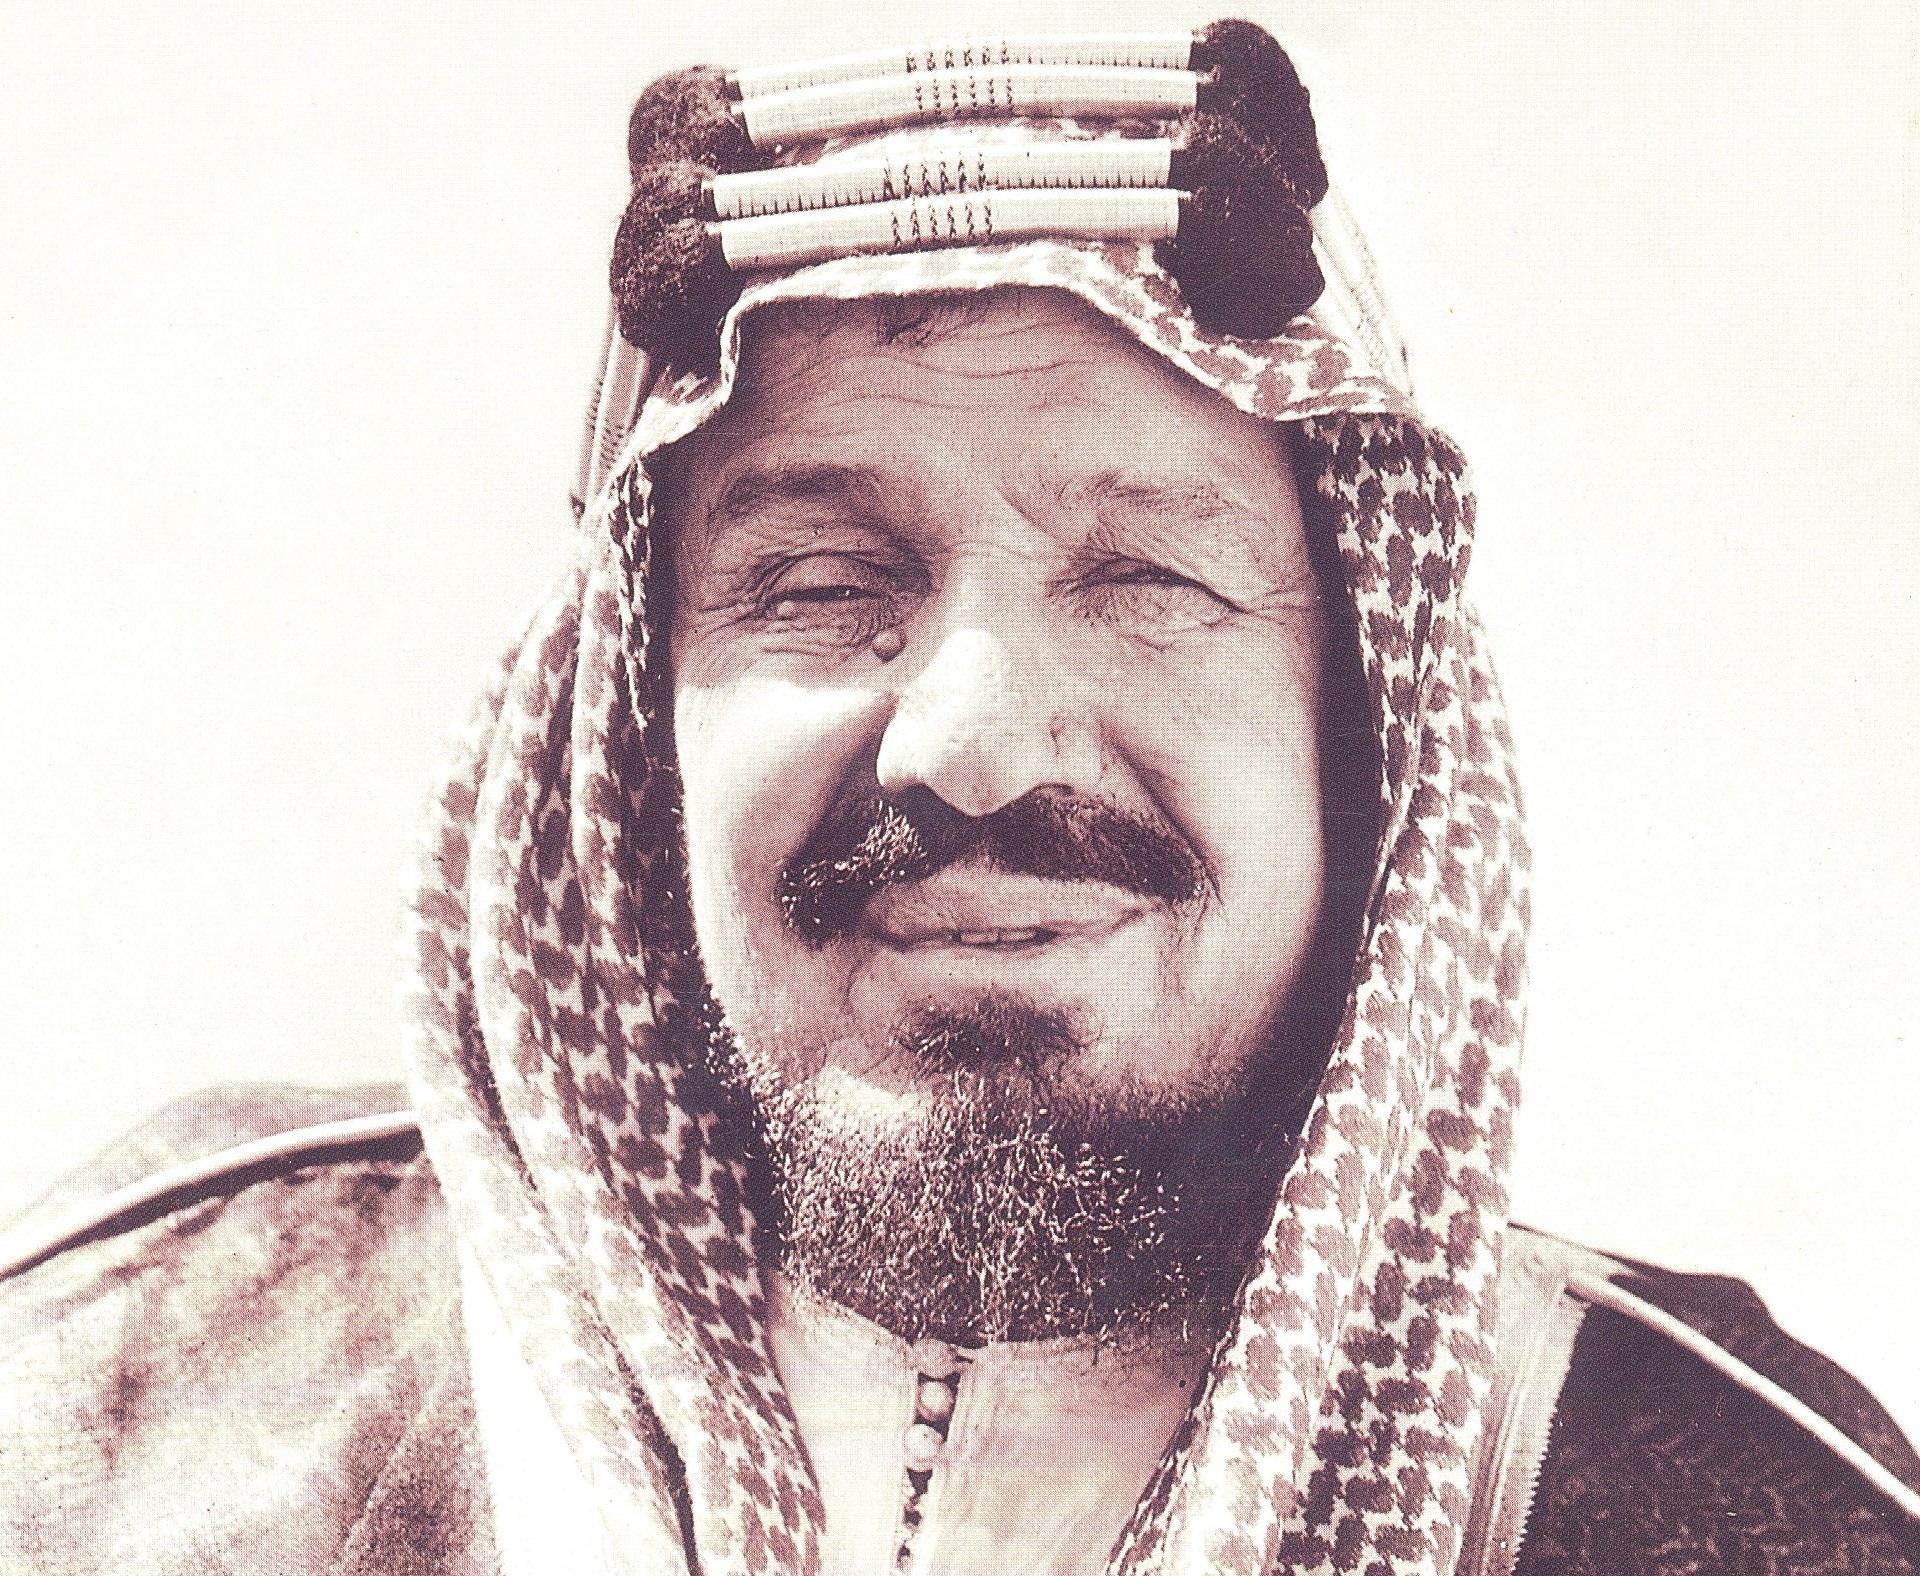 نتيجة بحث الصور عن الملك عبدالعزيز آل سعود